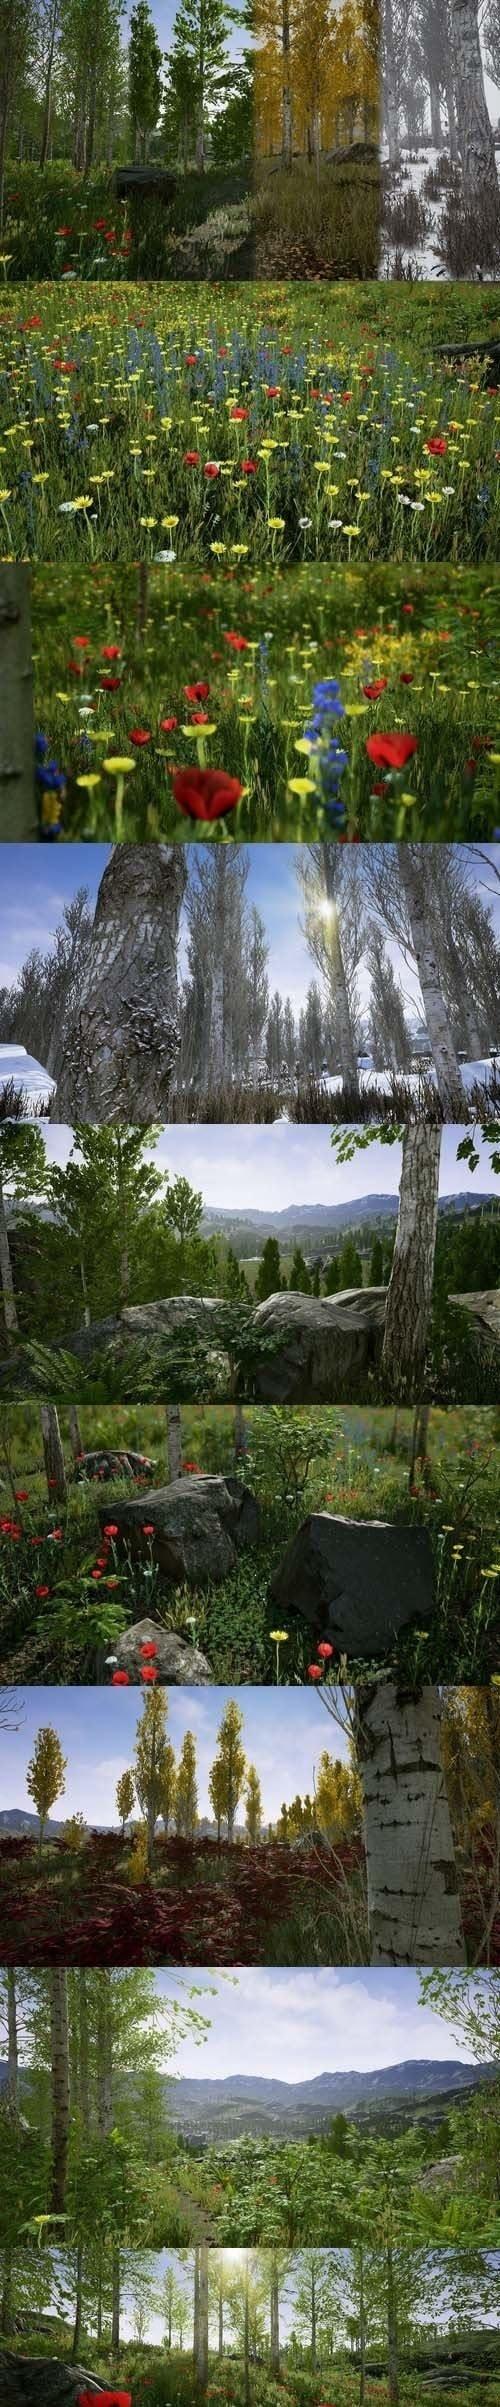 虚拟引擎4模型包-照片级高清花草树木